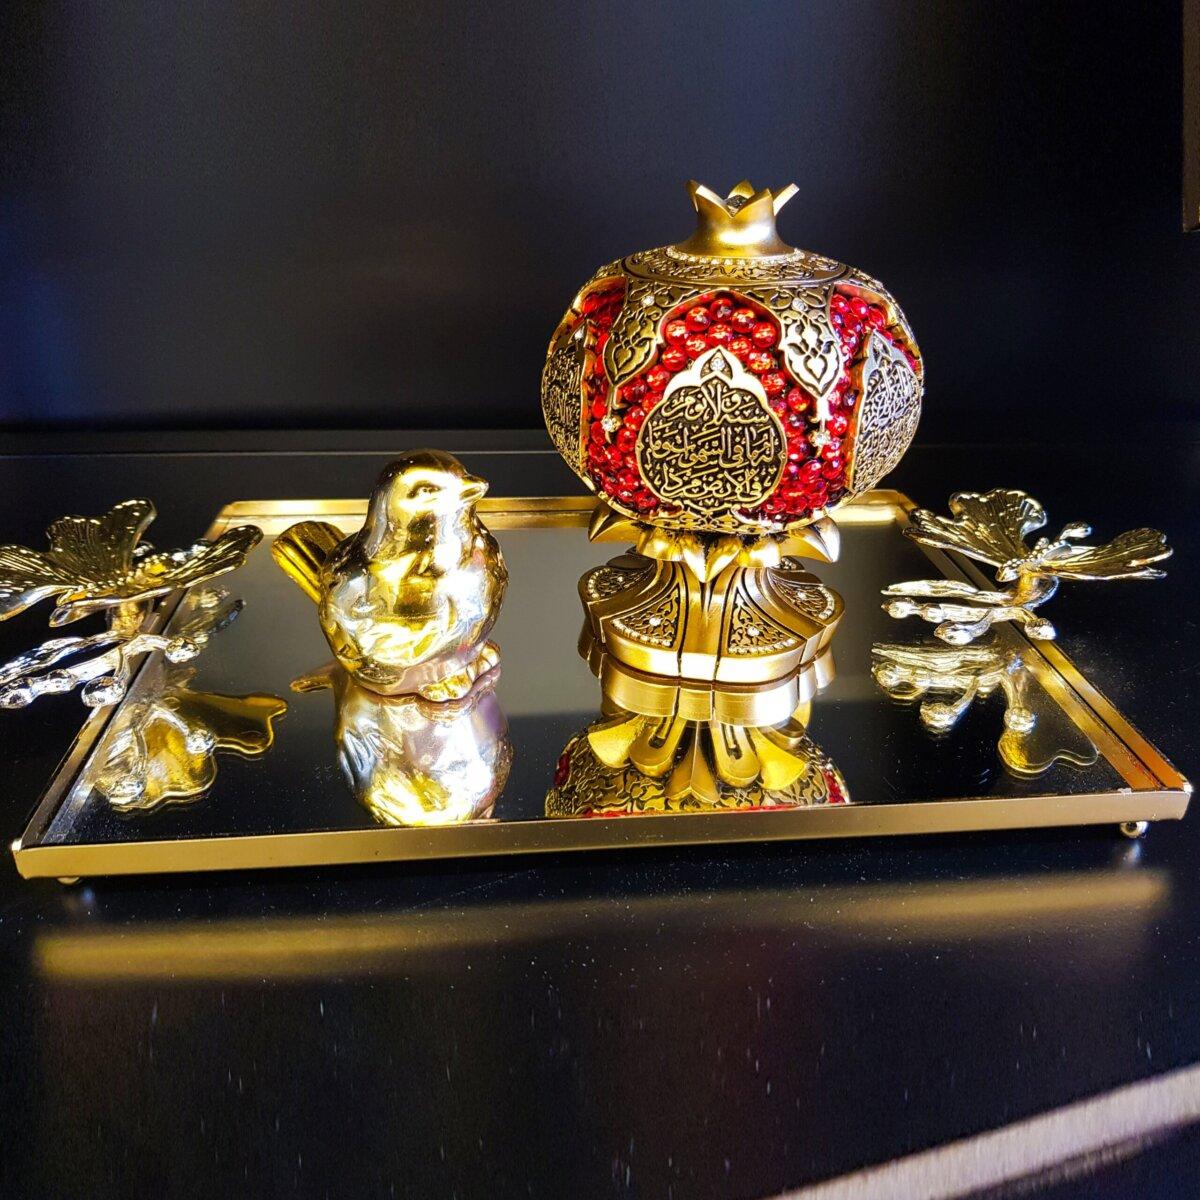 Kelebek Dekoratif Aynalı Metal Sunum Tepsi Dekoratif Ürünler